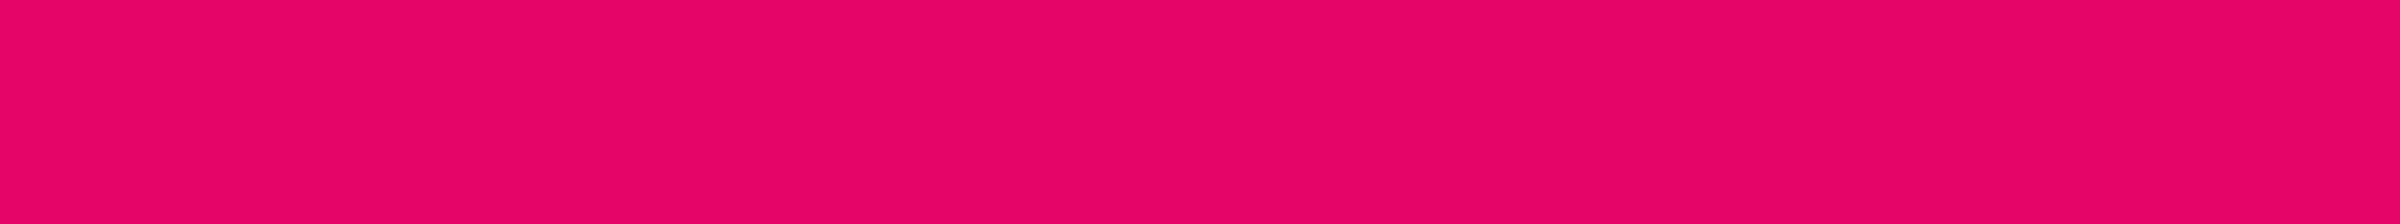 レコード+スコア付きの豪華仕様! 交響曲ガールズ&パンツァー コンサート A-on STORE 豪華版